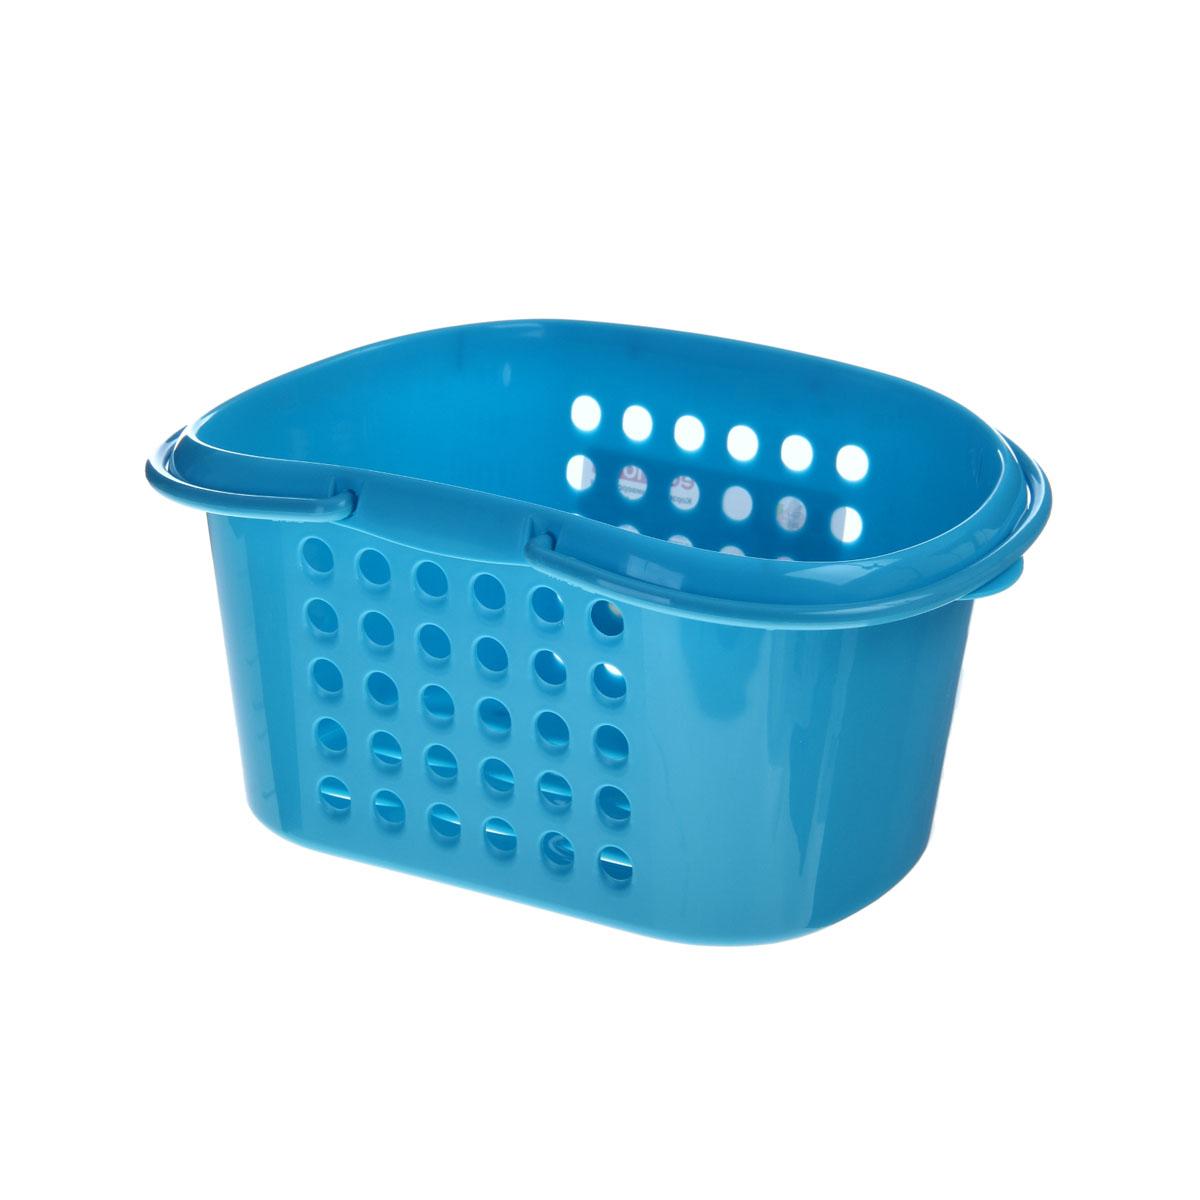 Корзинка универсальная Бытпласт, с ручками, цвет: голубой, 23 х 17,5 х 11,5 см847544Универсальная корзинка Бытпласт изготовлена из высококачественного пластика и предназначена для хранения и транспортировки вещей. Корзинка подойдет как для пищевых продуктов, так и для ванных принадлежностей и различных мелочей. Изделие оснащено двумя ручками для более удобной транспортировки. Основание и стенки корзинки оформлены перфорацией. Универсальная корзинка Бытпласт позволит вам хранить вещи компактно и с удобством.